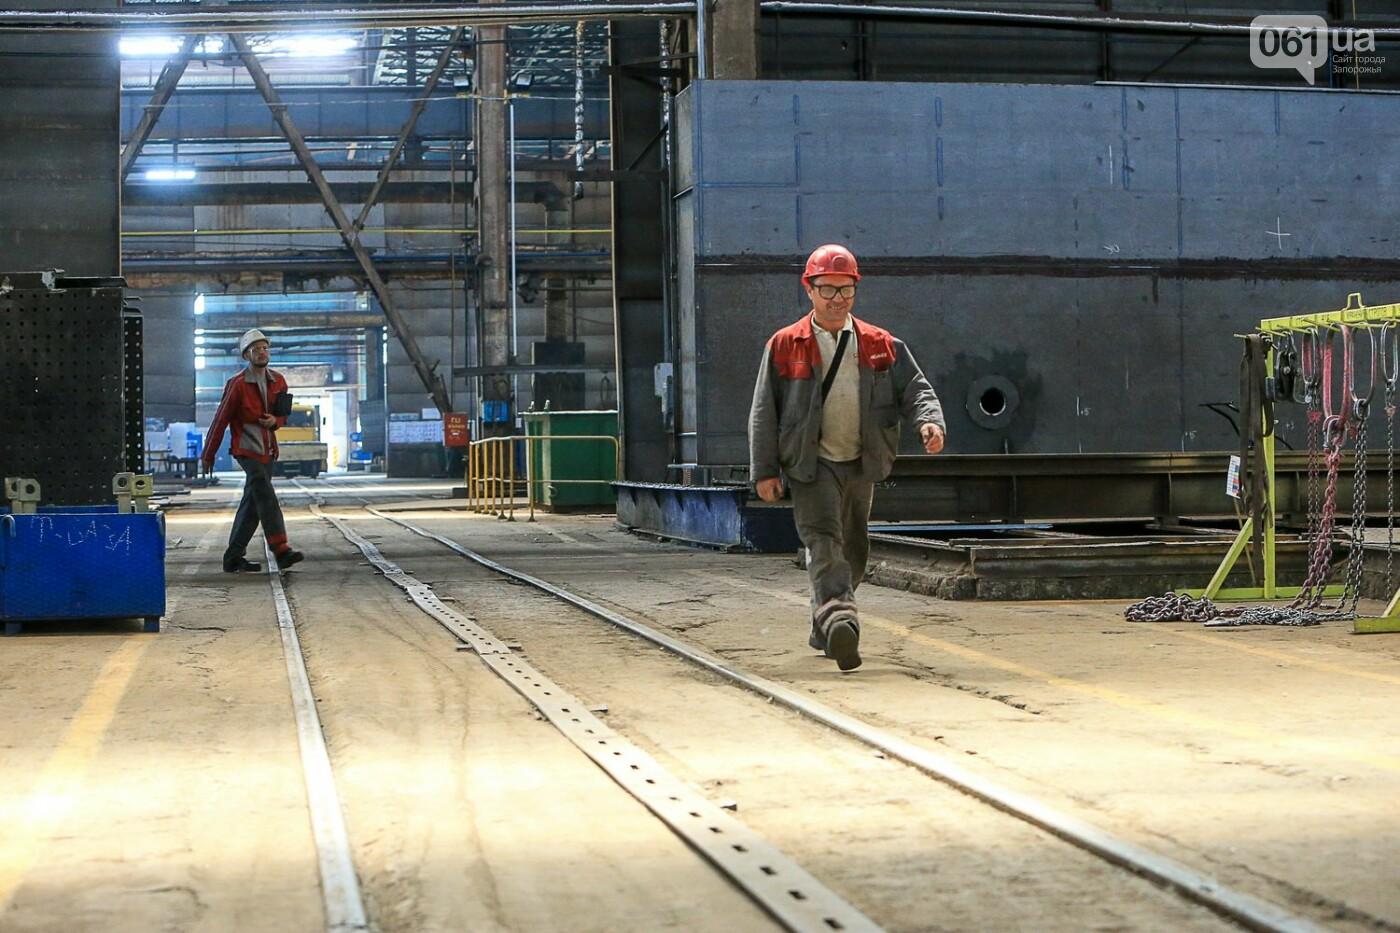 Как в Запорожье работает крупнейший в Европе завод по производству кранов: экскурсия на производство, — ФОТОРЕПОРТАЖ, фото-8